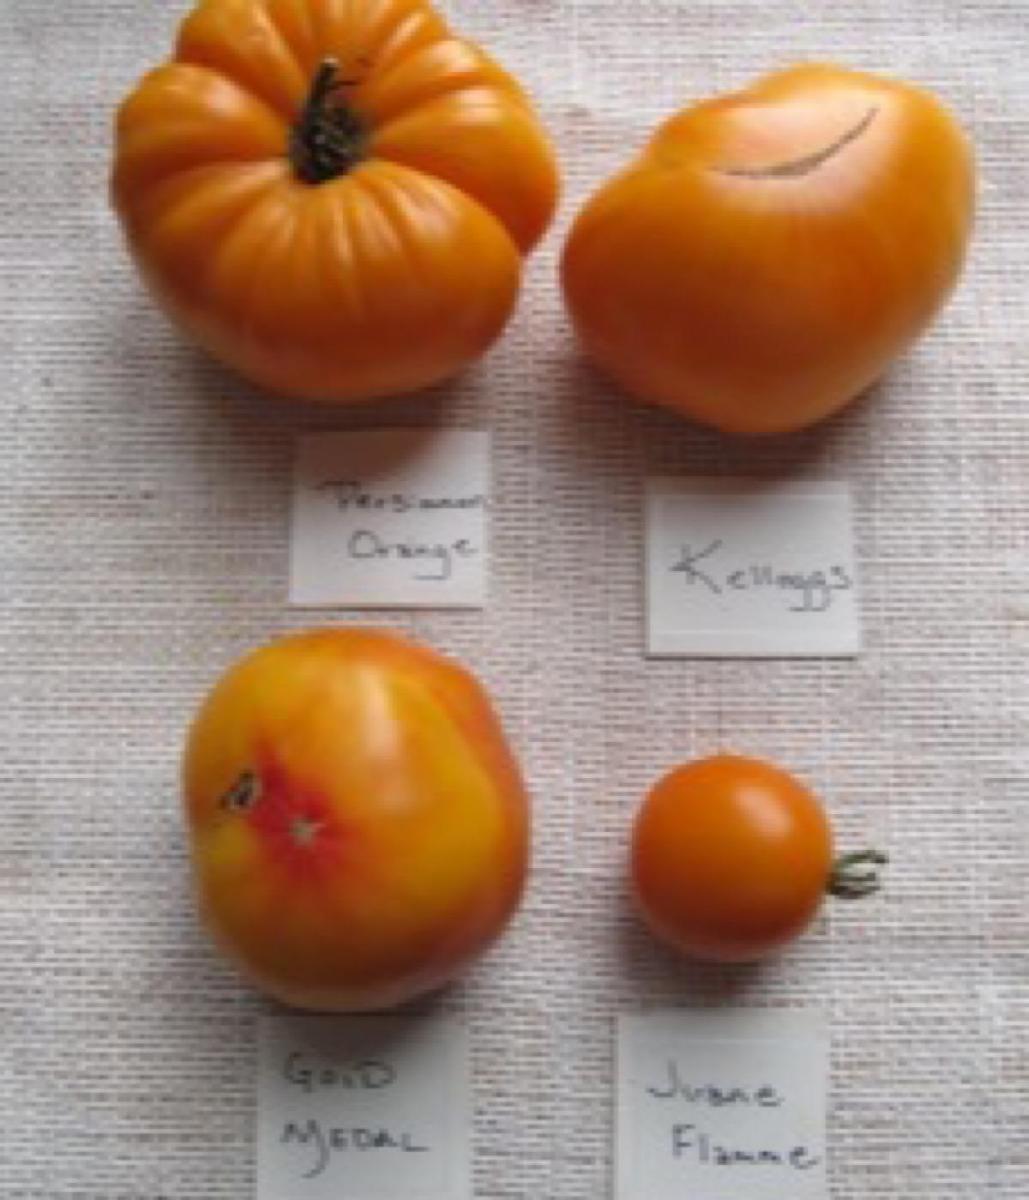 Four popular orange varieties of heirloom tomatoes